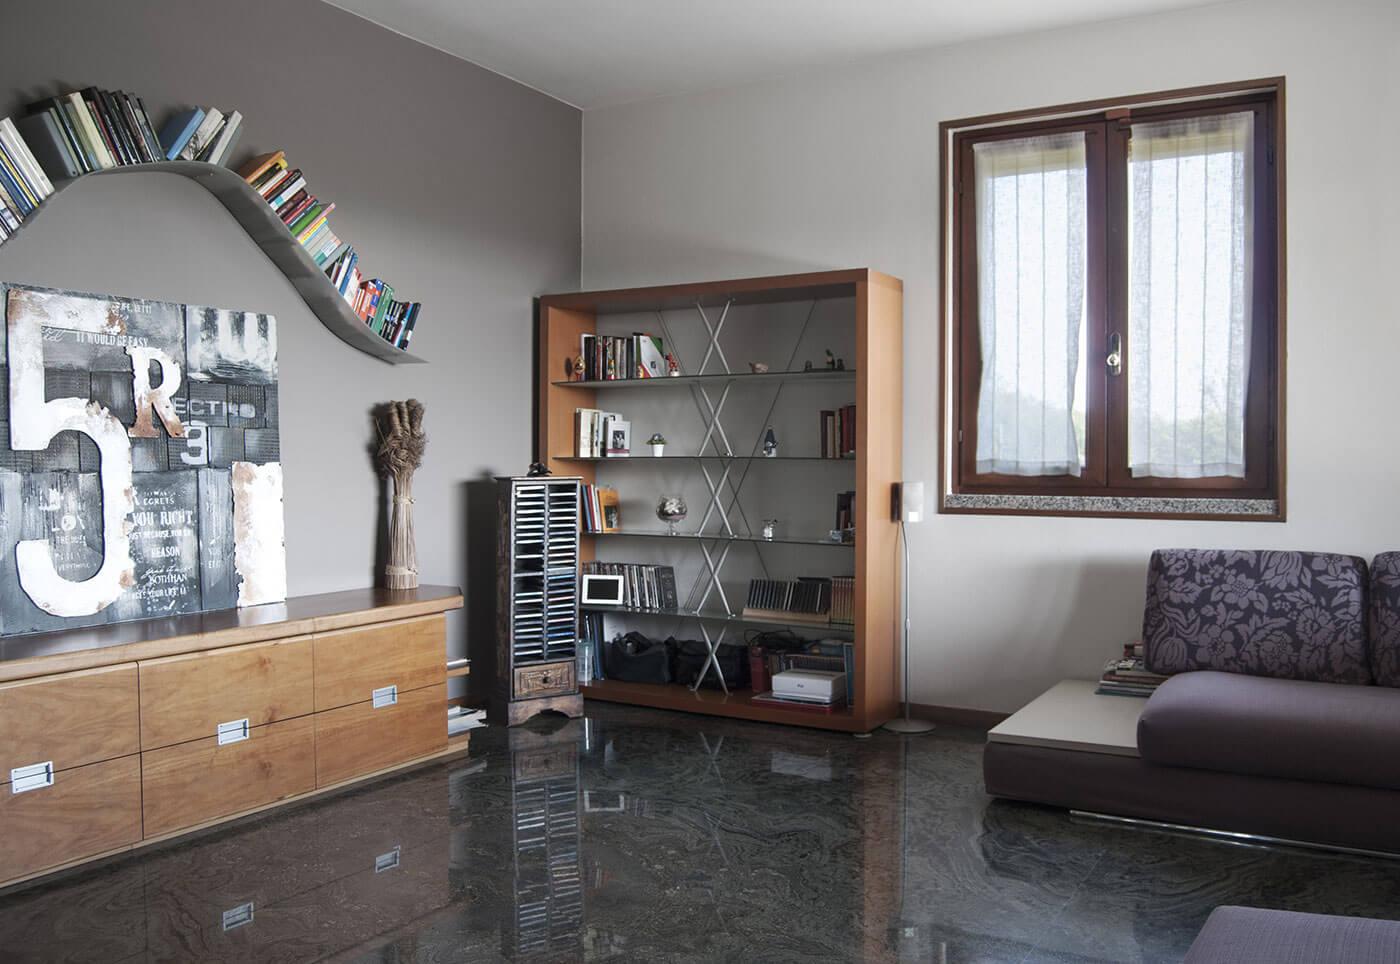 fotografie interior per immobiliare eurostudio